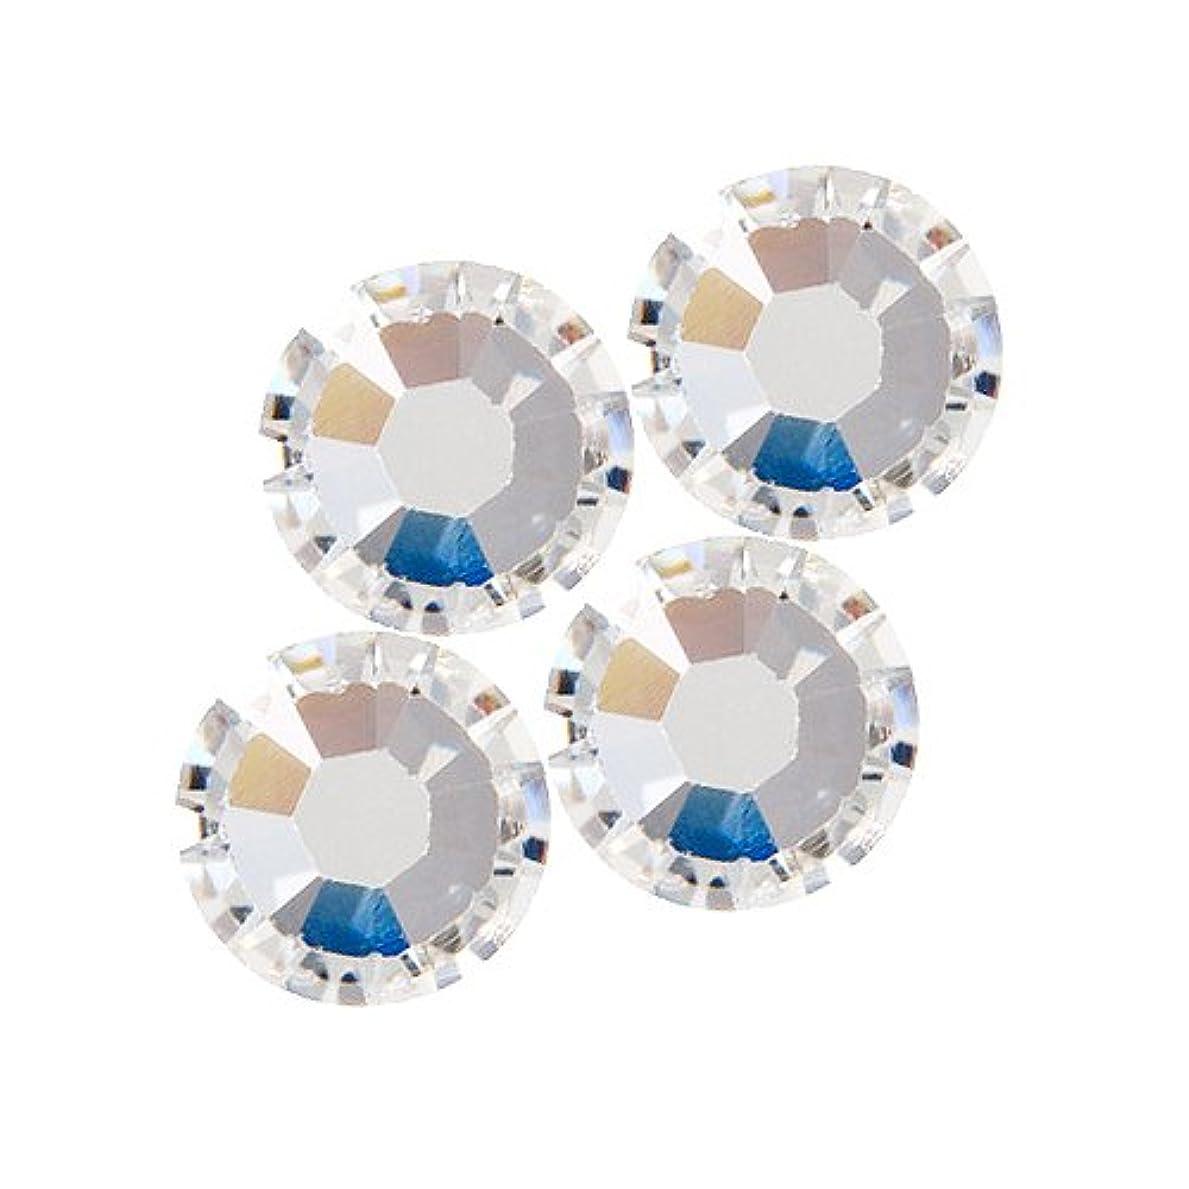 同封する感情の真実にバイナル DIAMOND RHINESTONE  クリスタル SS3 1440粒 ST-SS3-CRY-10G